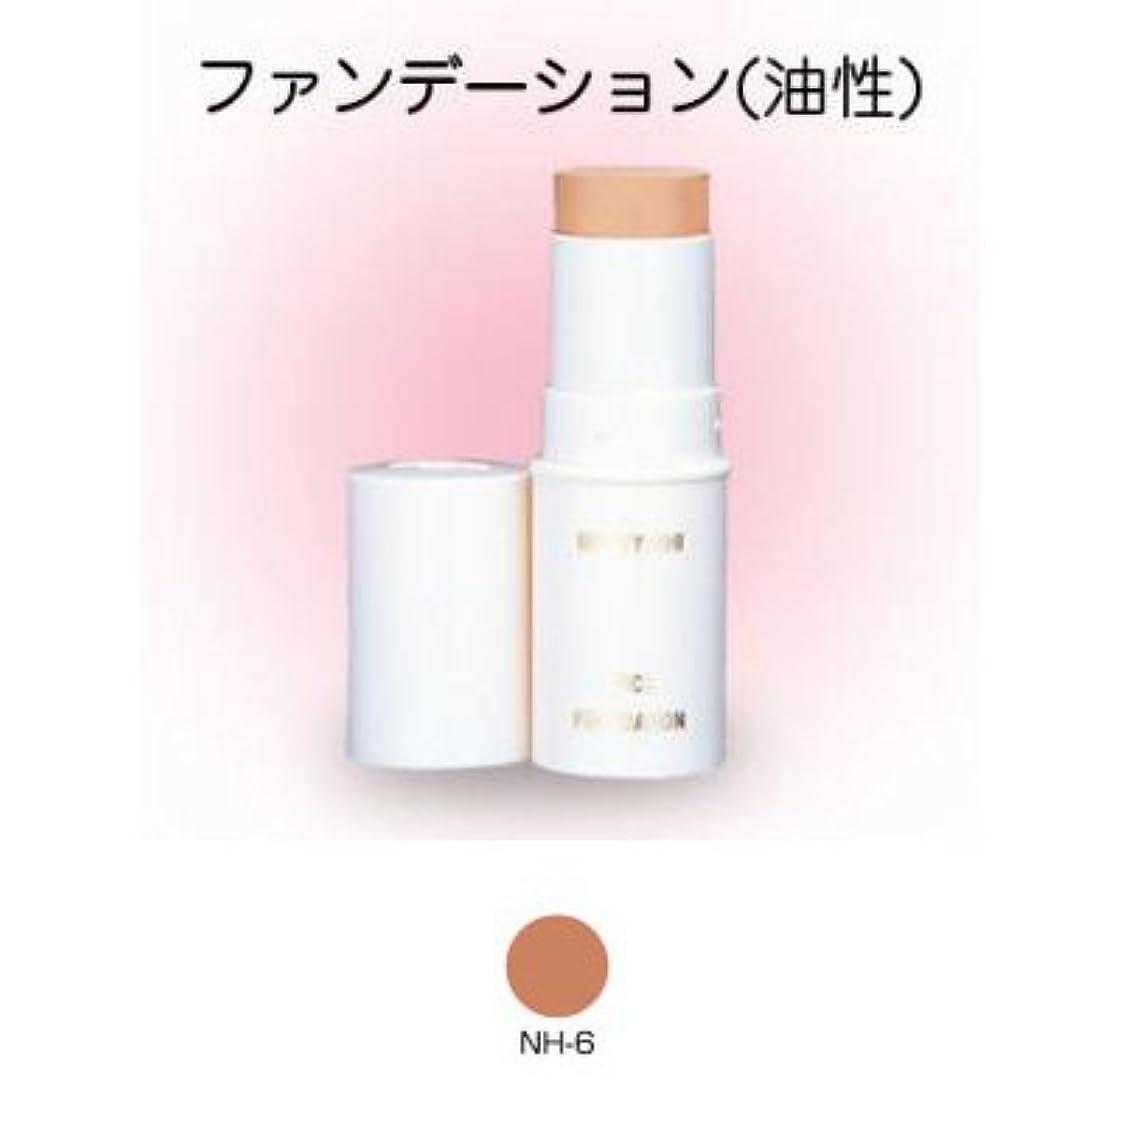 コンデンサーマイクロ染色スティックファンデーション 16g NH-6 【三善】